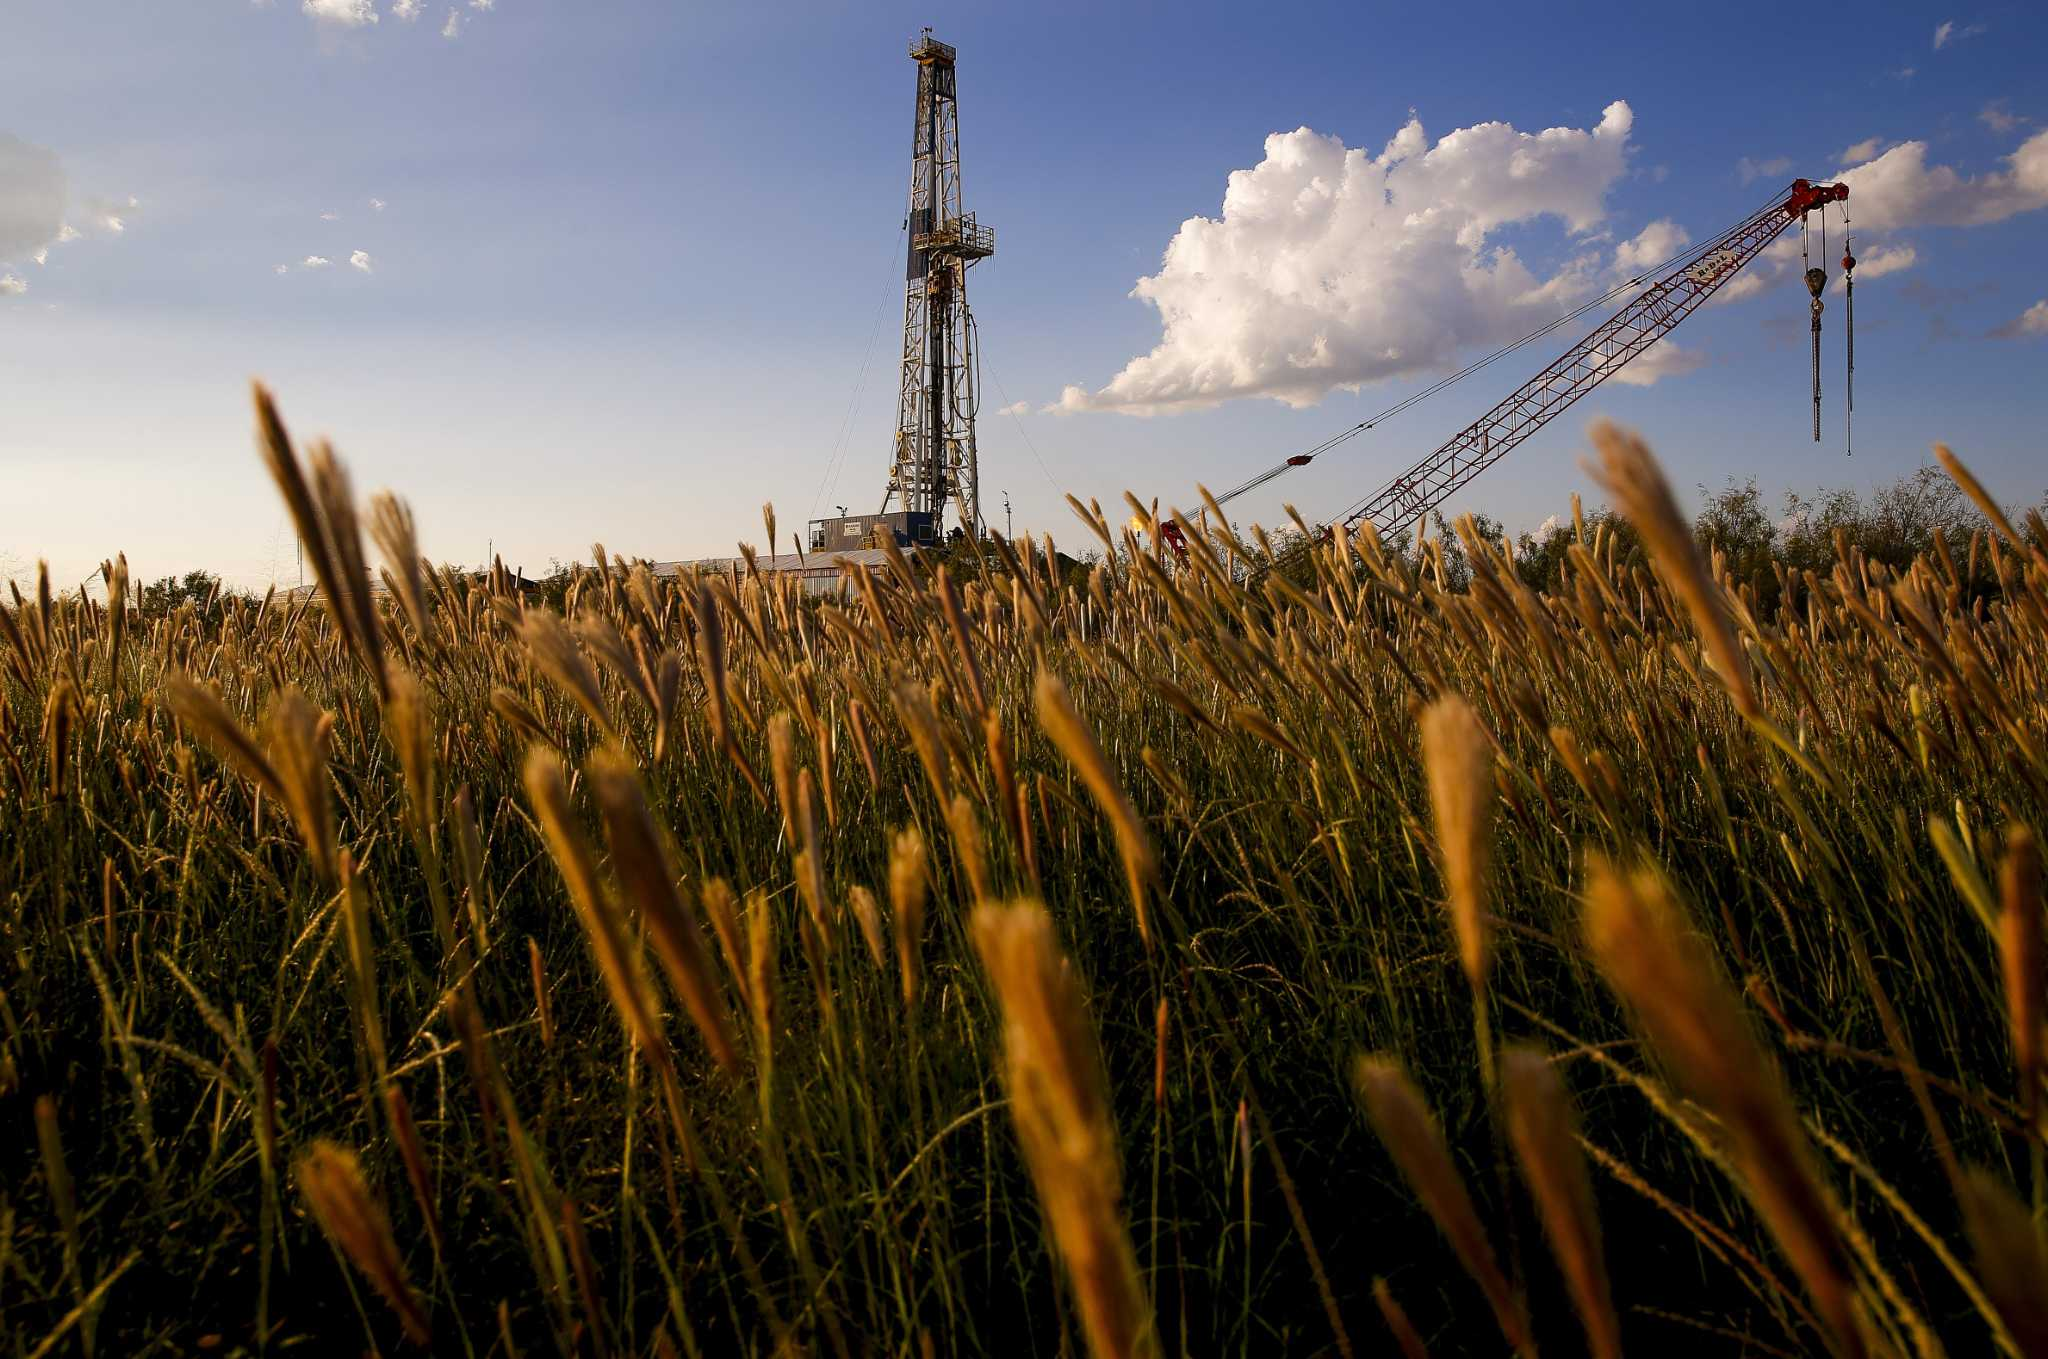 San Antonio Man Indicted In Alleged Oilfield Scheme To